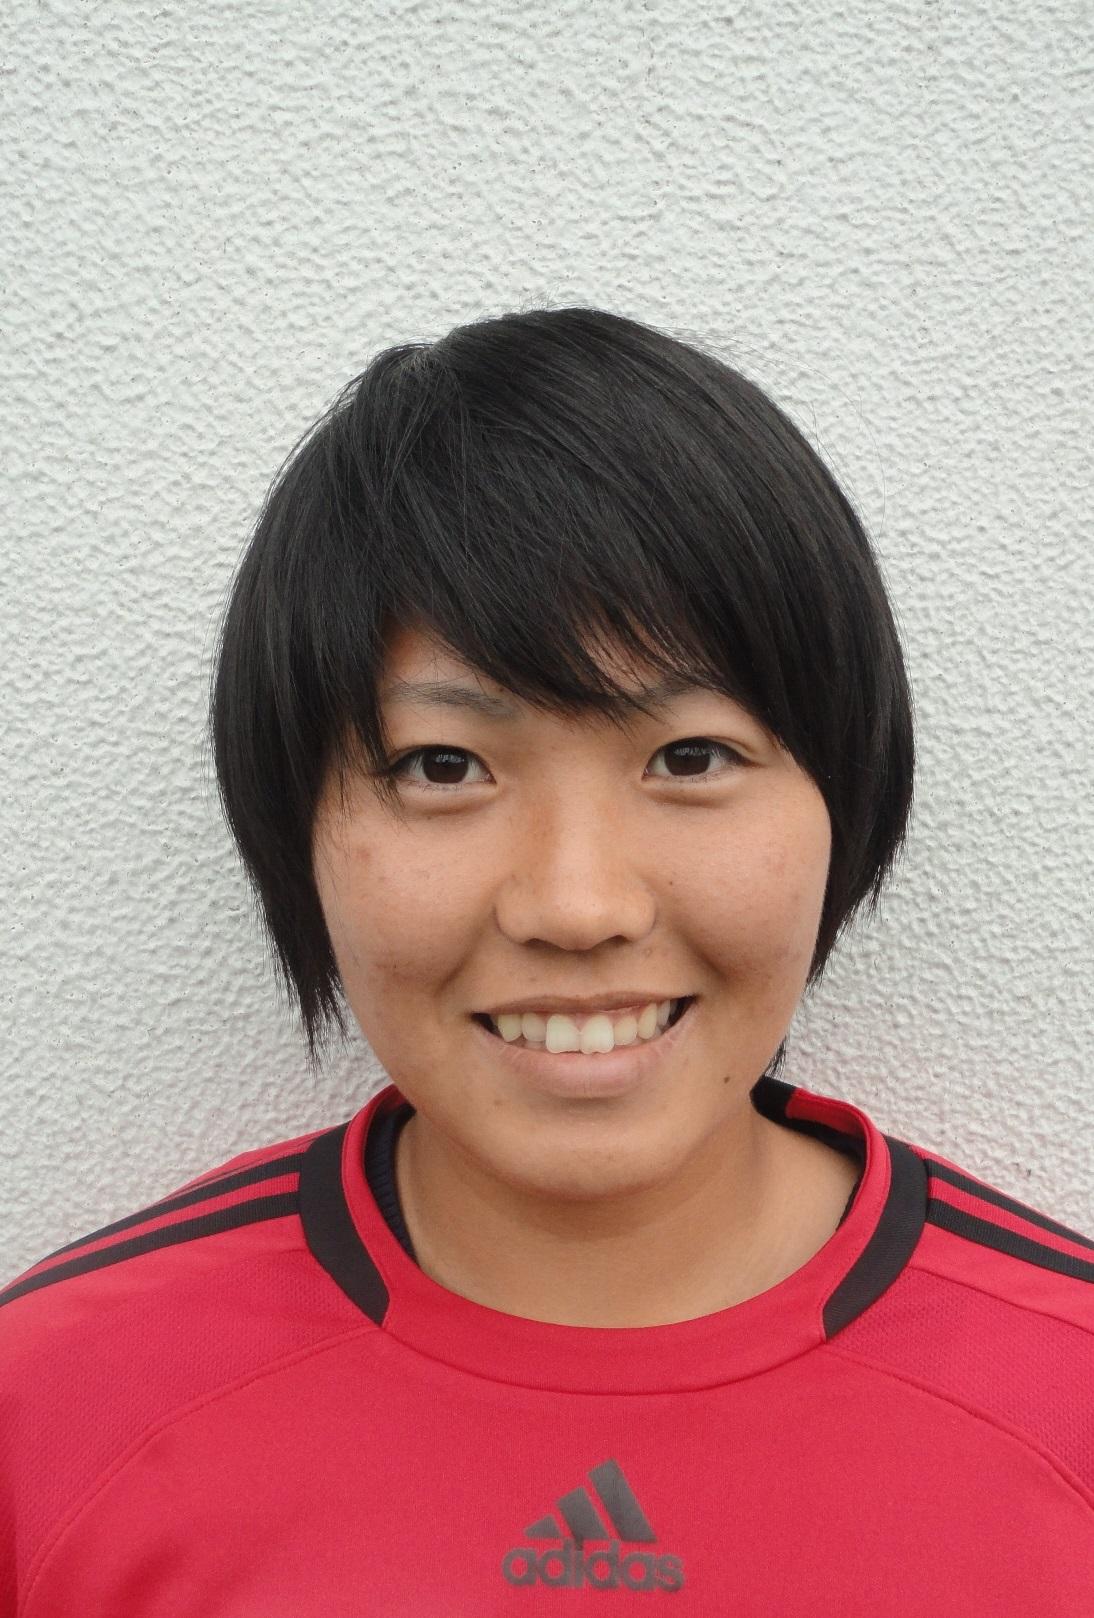 平出遥夏 - 女子サッカー選手